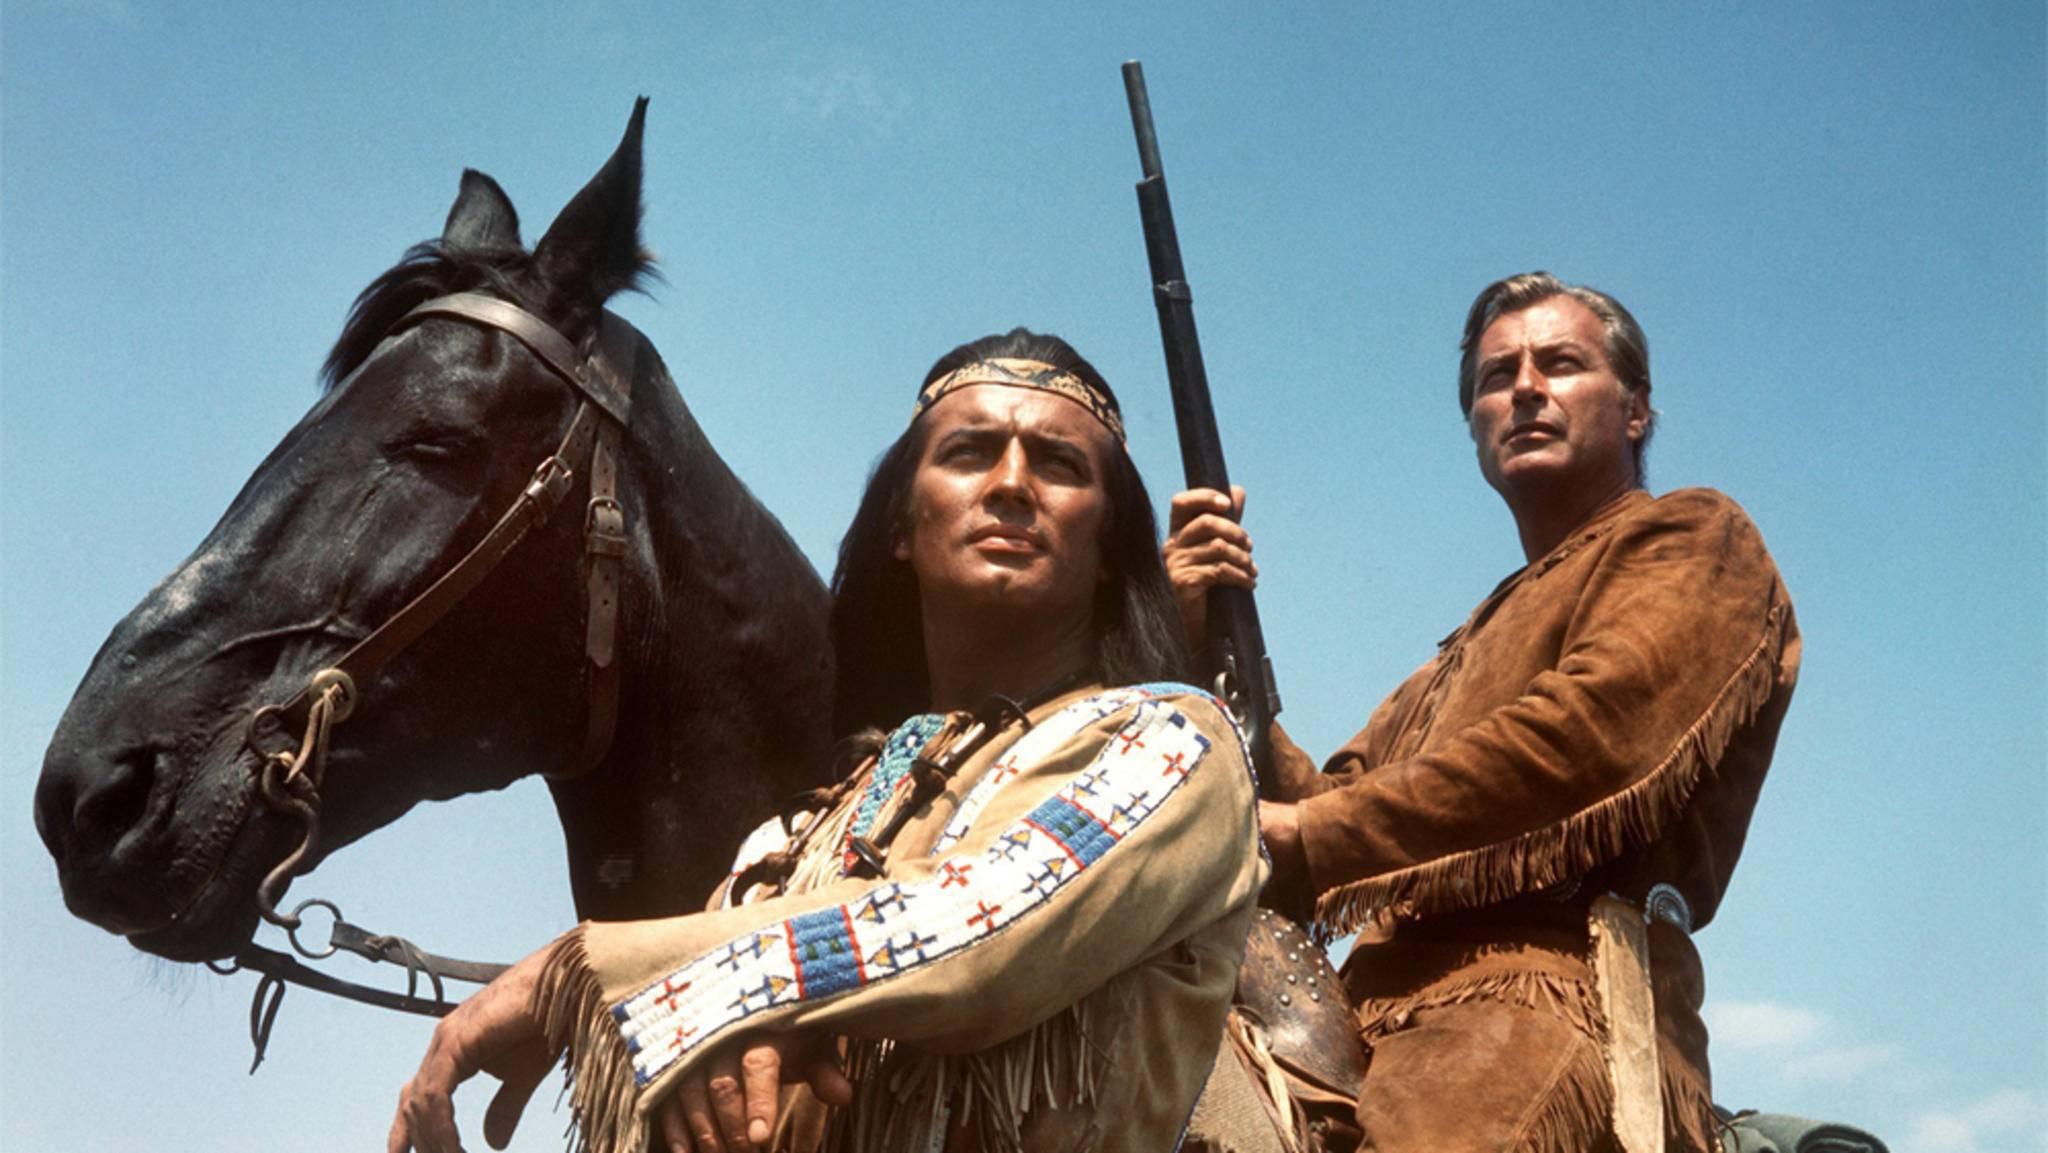 Winnetou (Pierre Brice) und Old Shatterhand (Lex Barker) erlebten zahlreiche literarische und filmische Abenteuer.